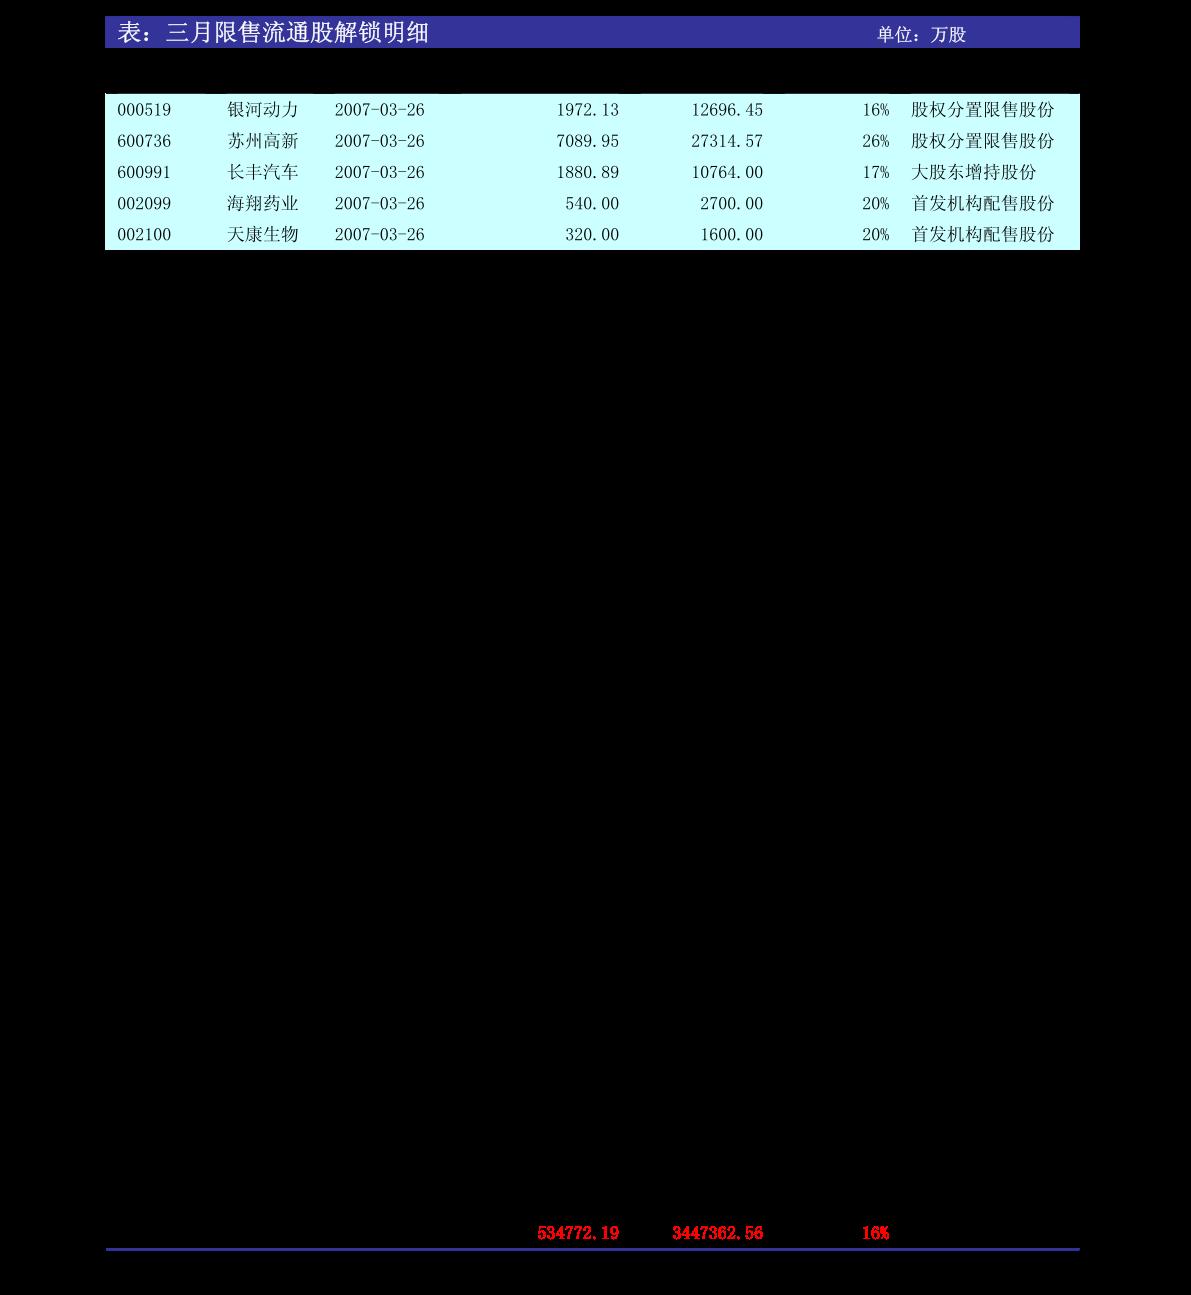 海通证券-每日早报-210608